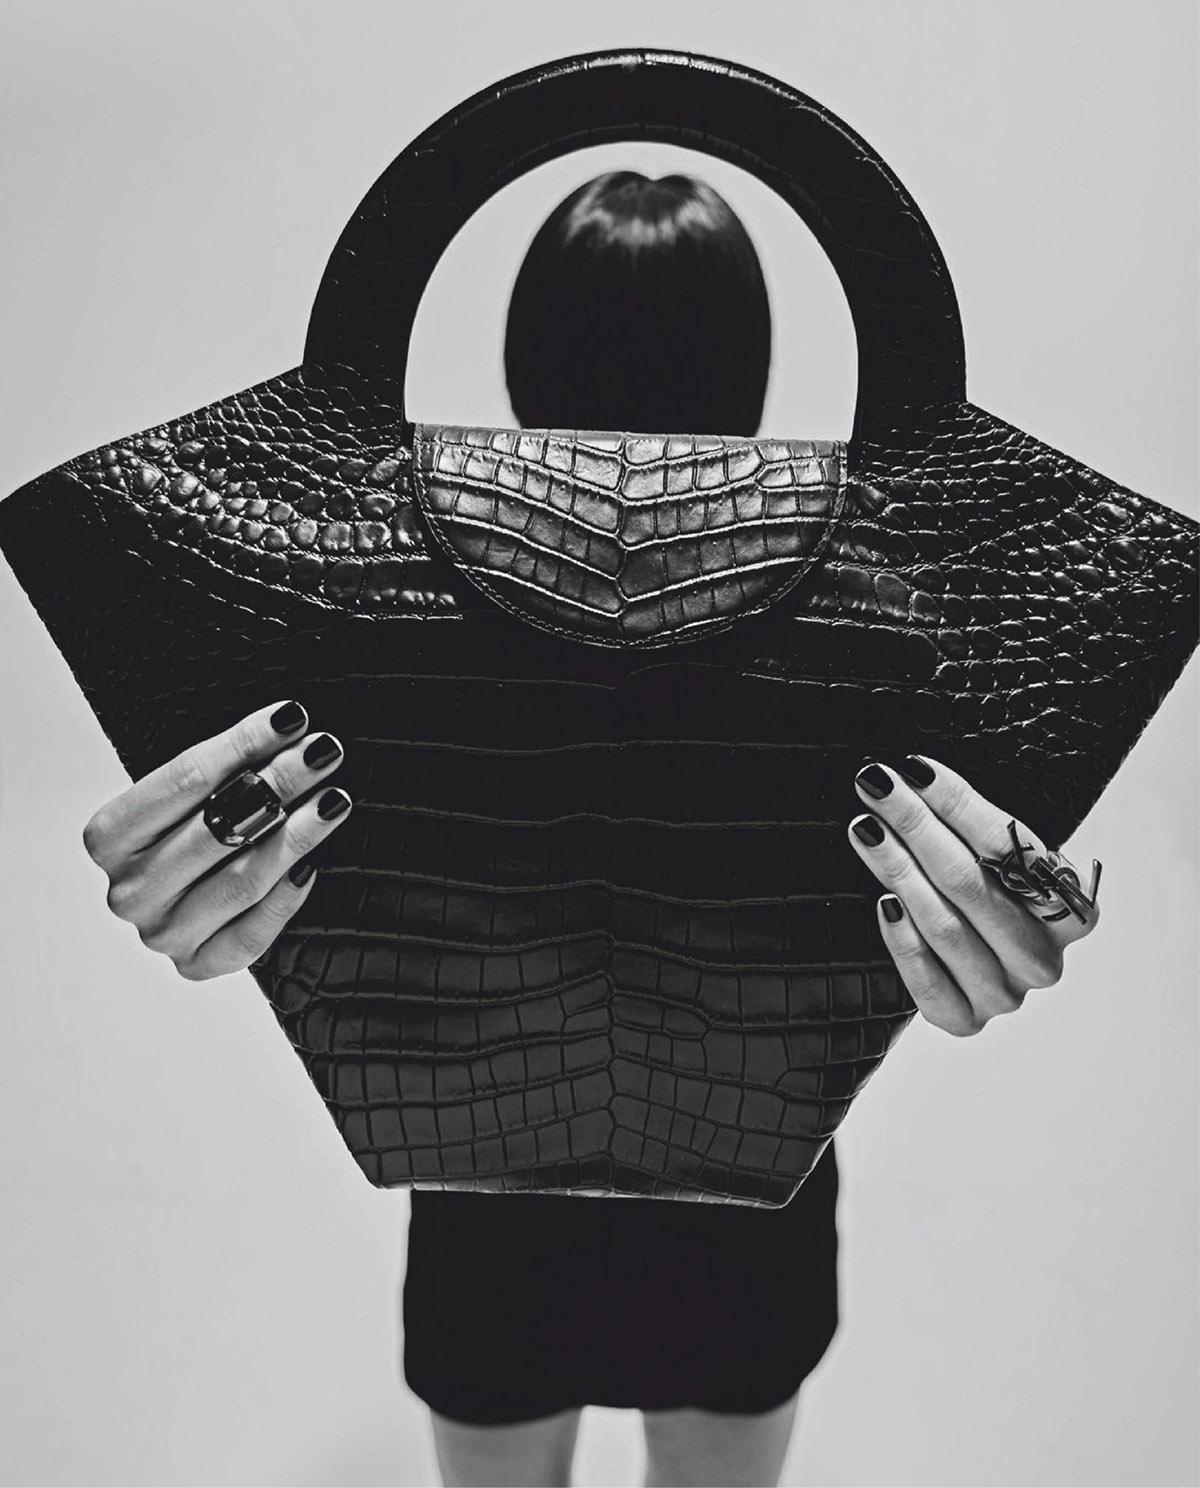 Liu Hsin Yu by Hedy Chang for Vogue Taiwan May 2021